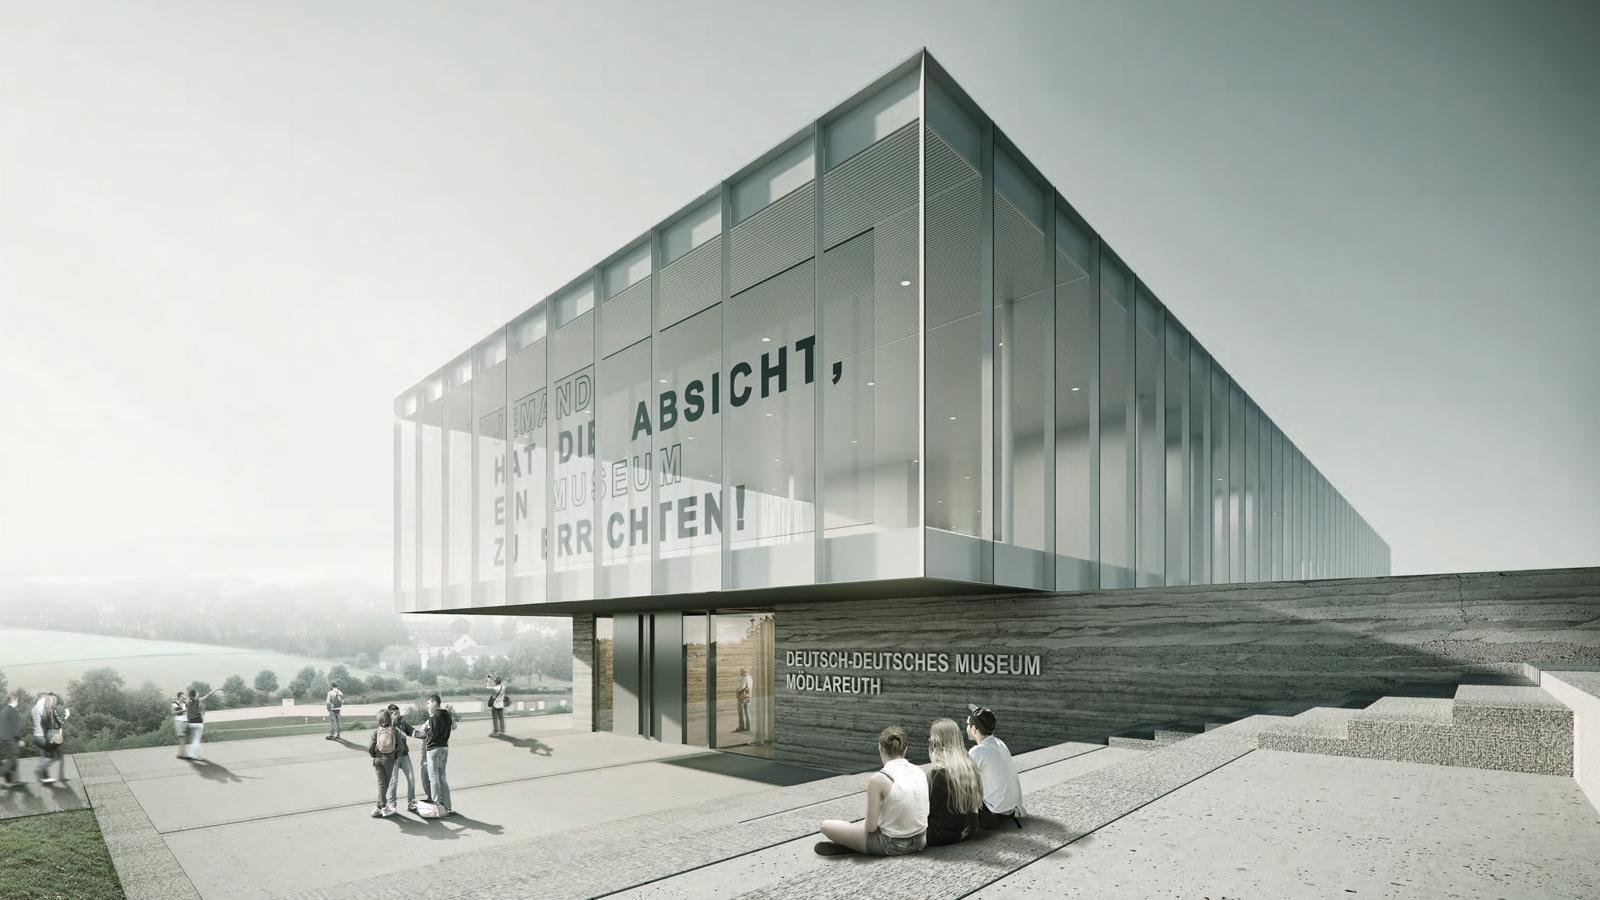 h2m-architekten-deutsch-deutsches-museum-moedlareuth-perspektive-aussen